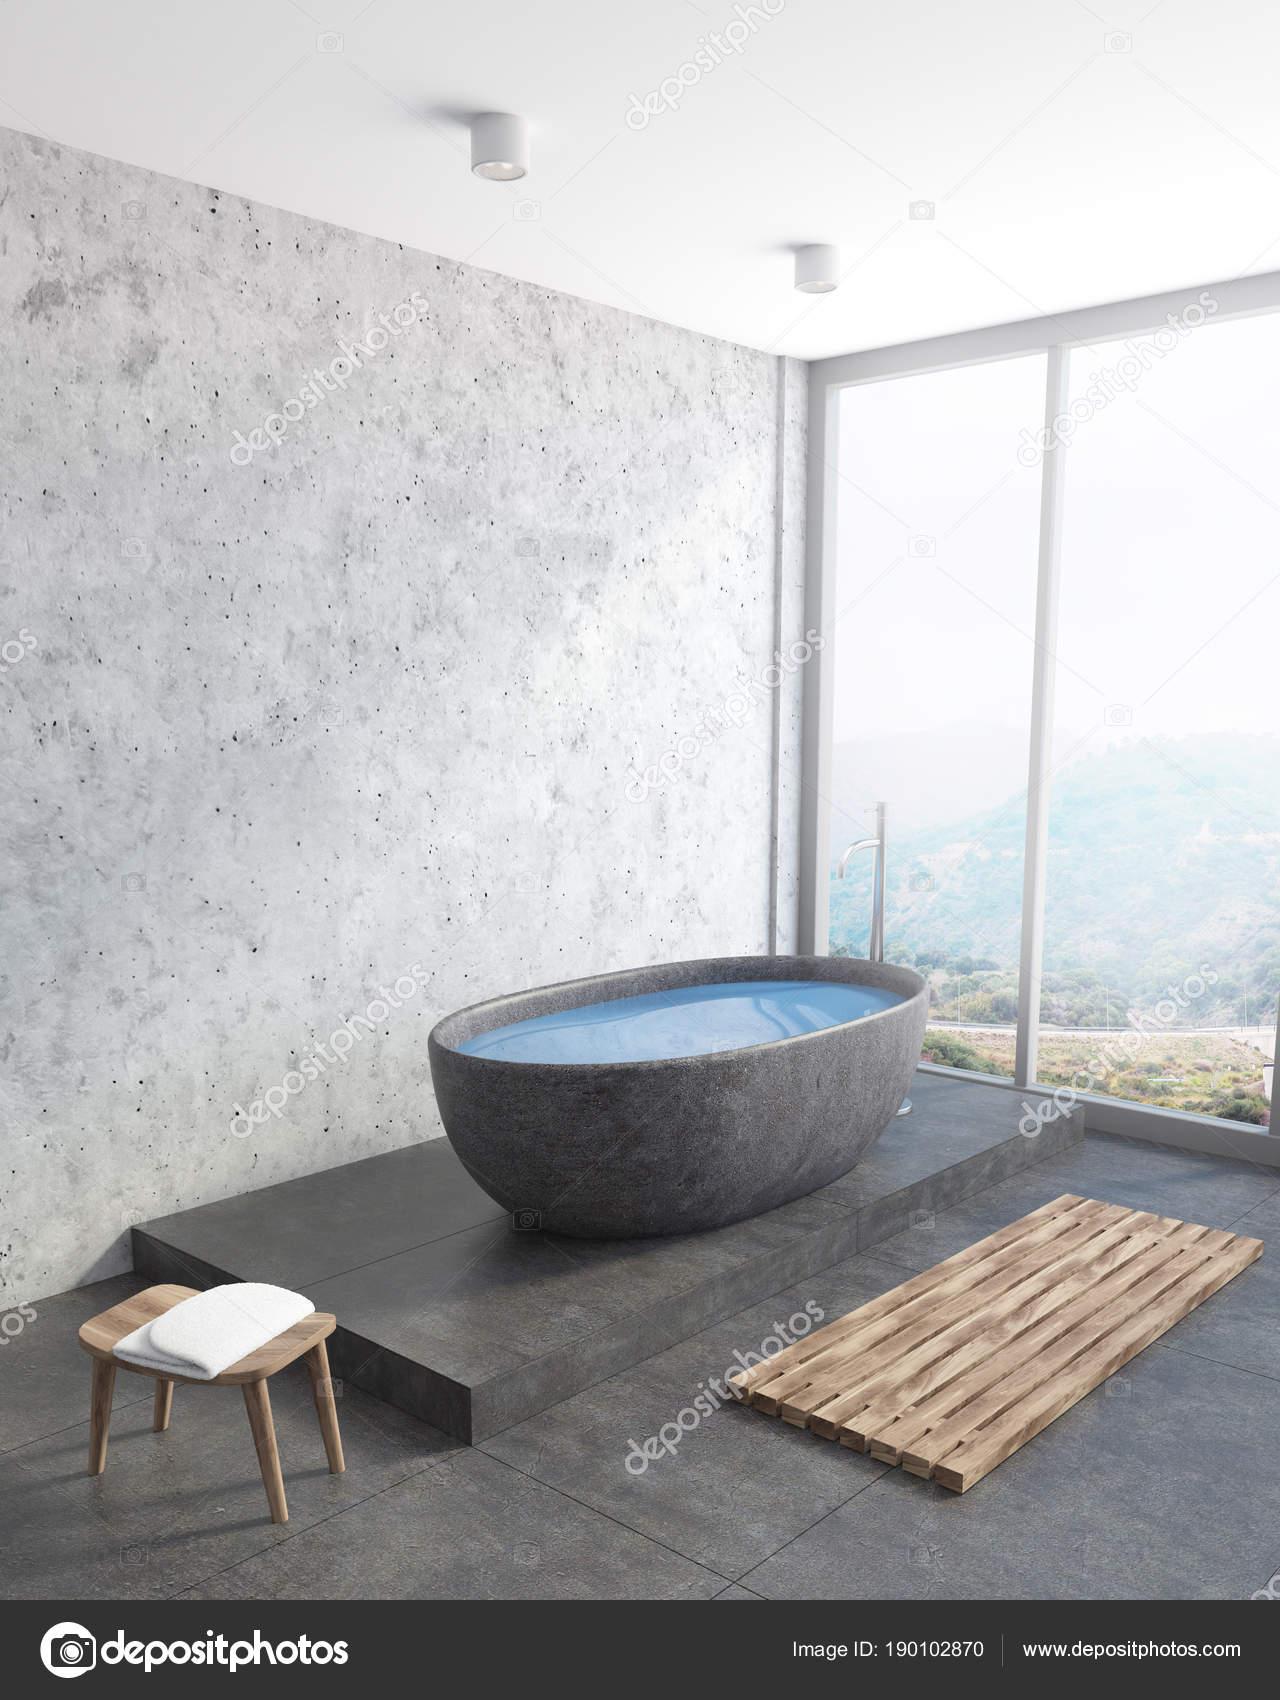 Angolo di bagno moderno, vasca grigio scuro\u2013 immagine stock